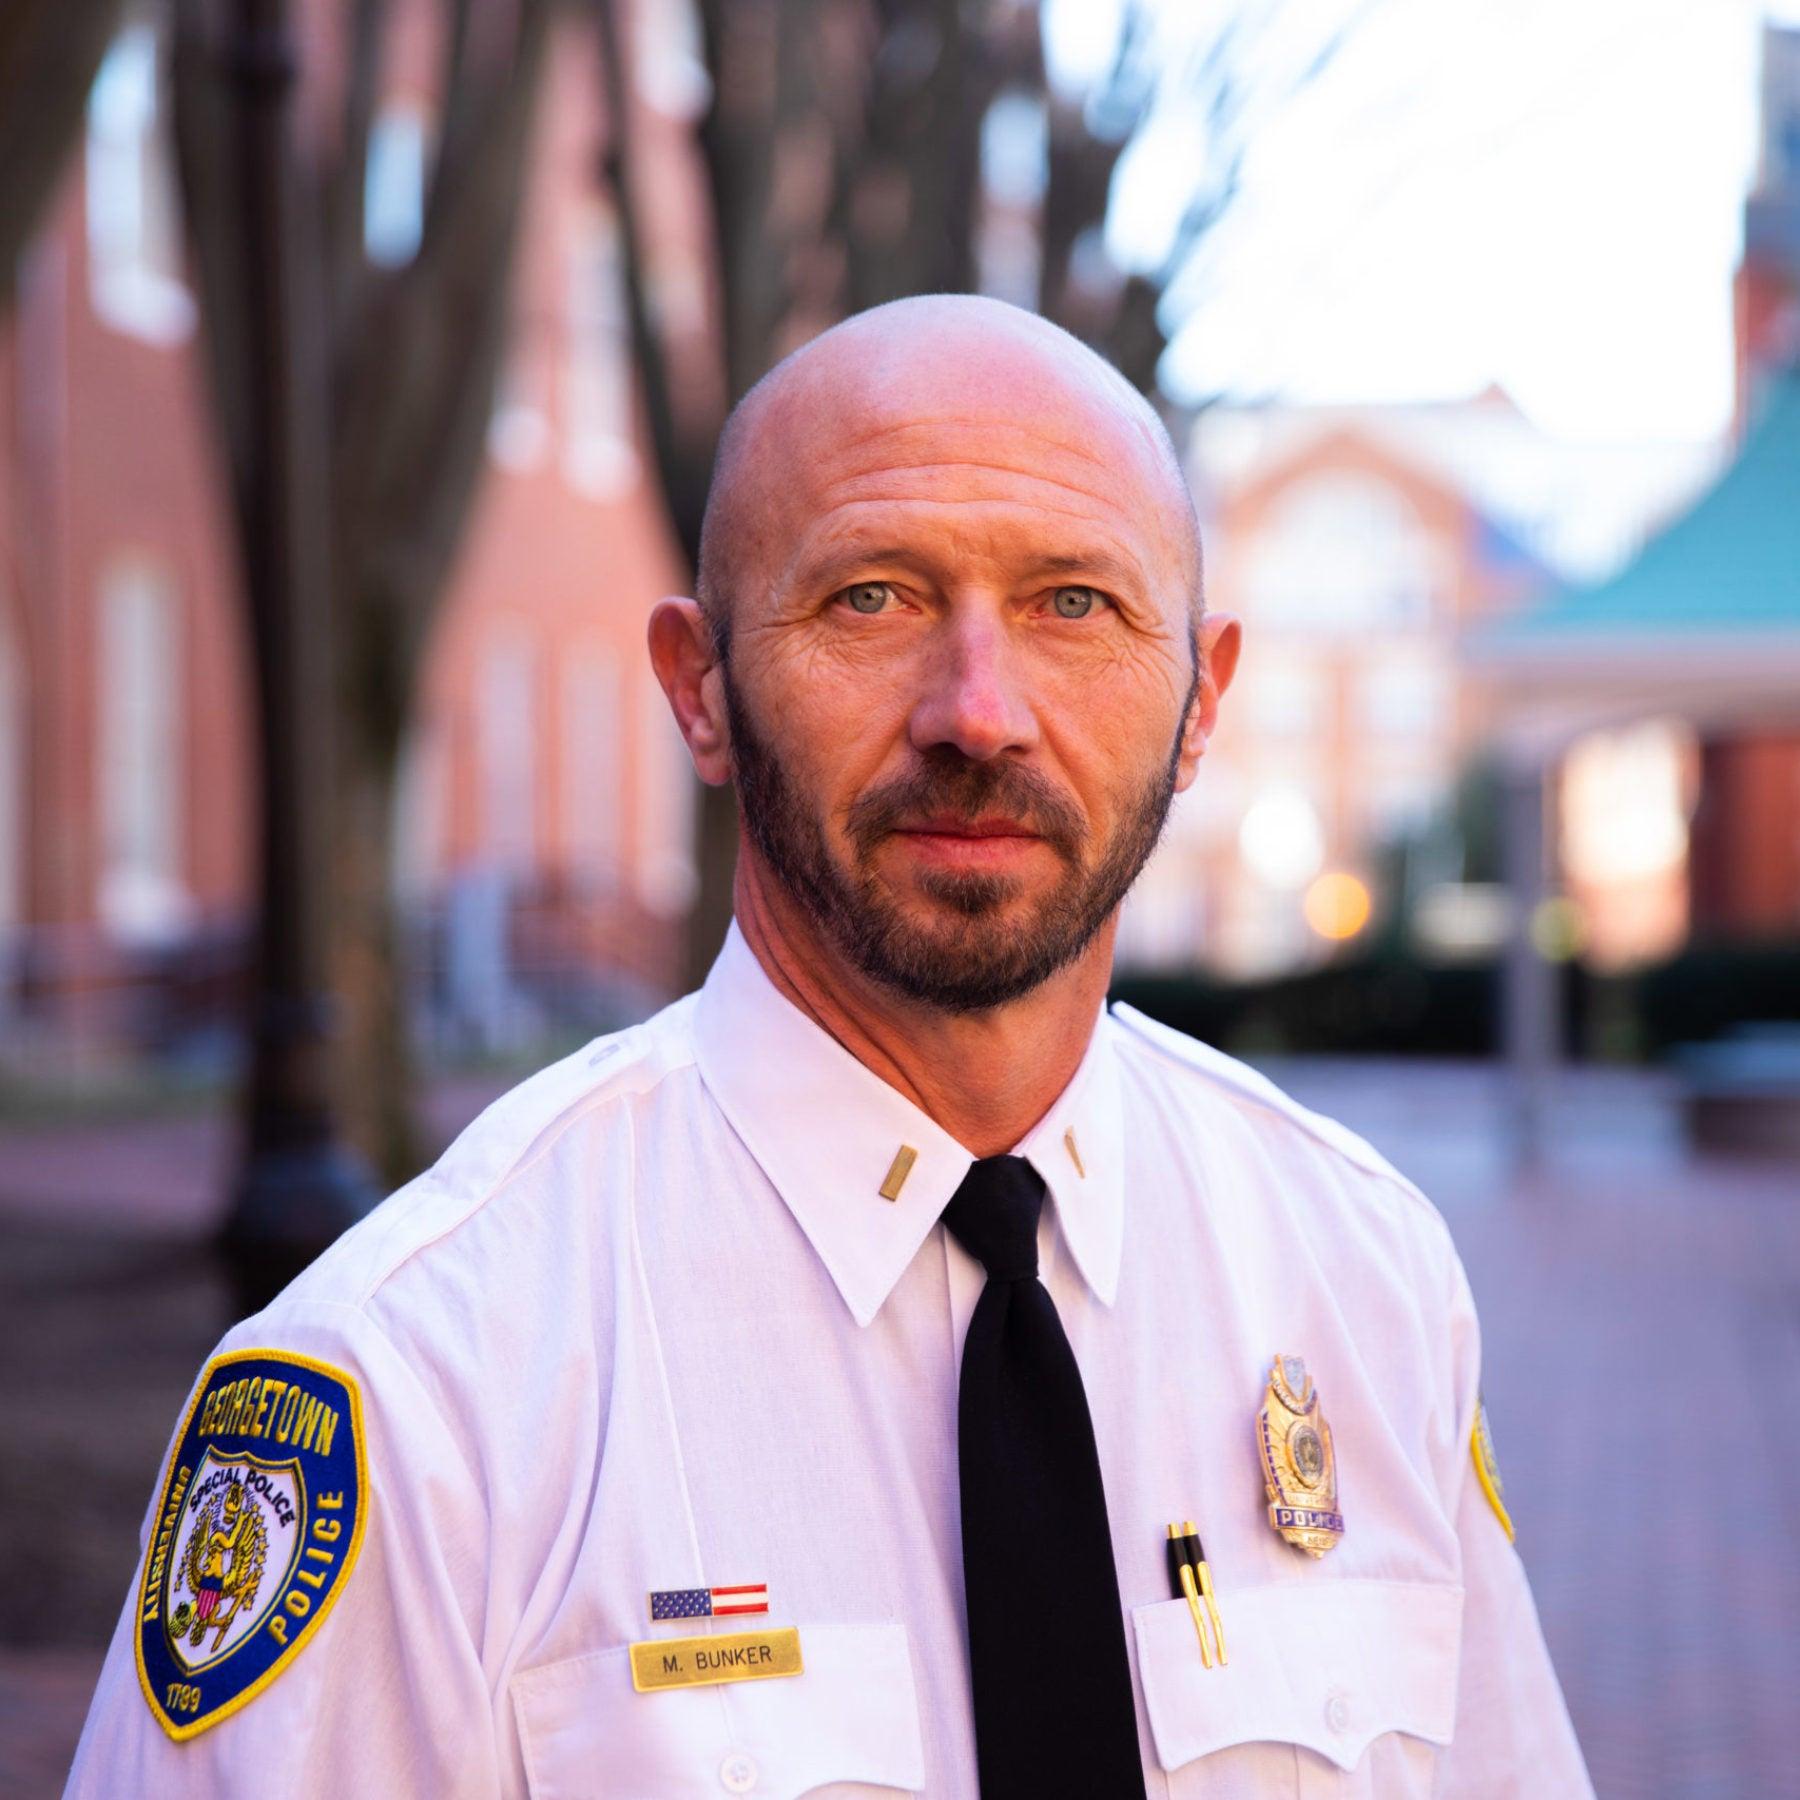 Michael Bunker outside wearing GUPD uniform